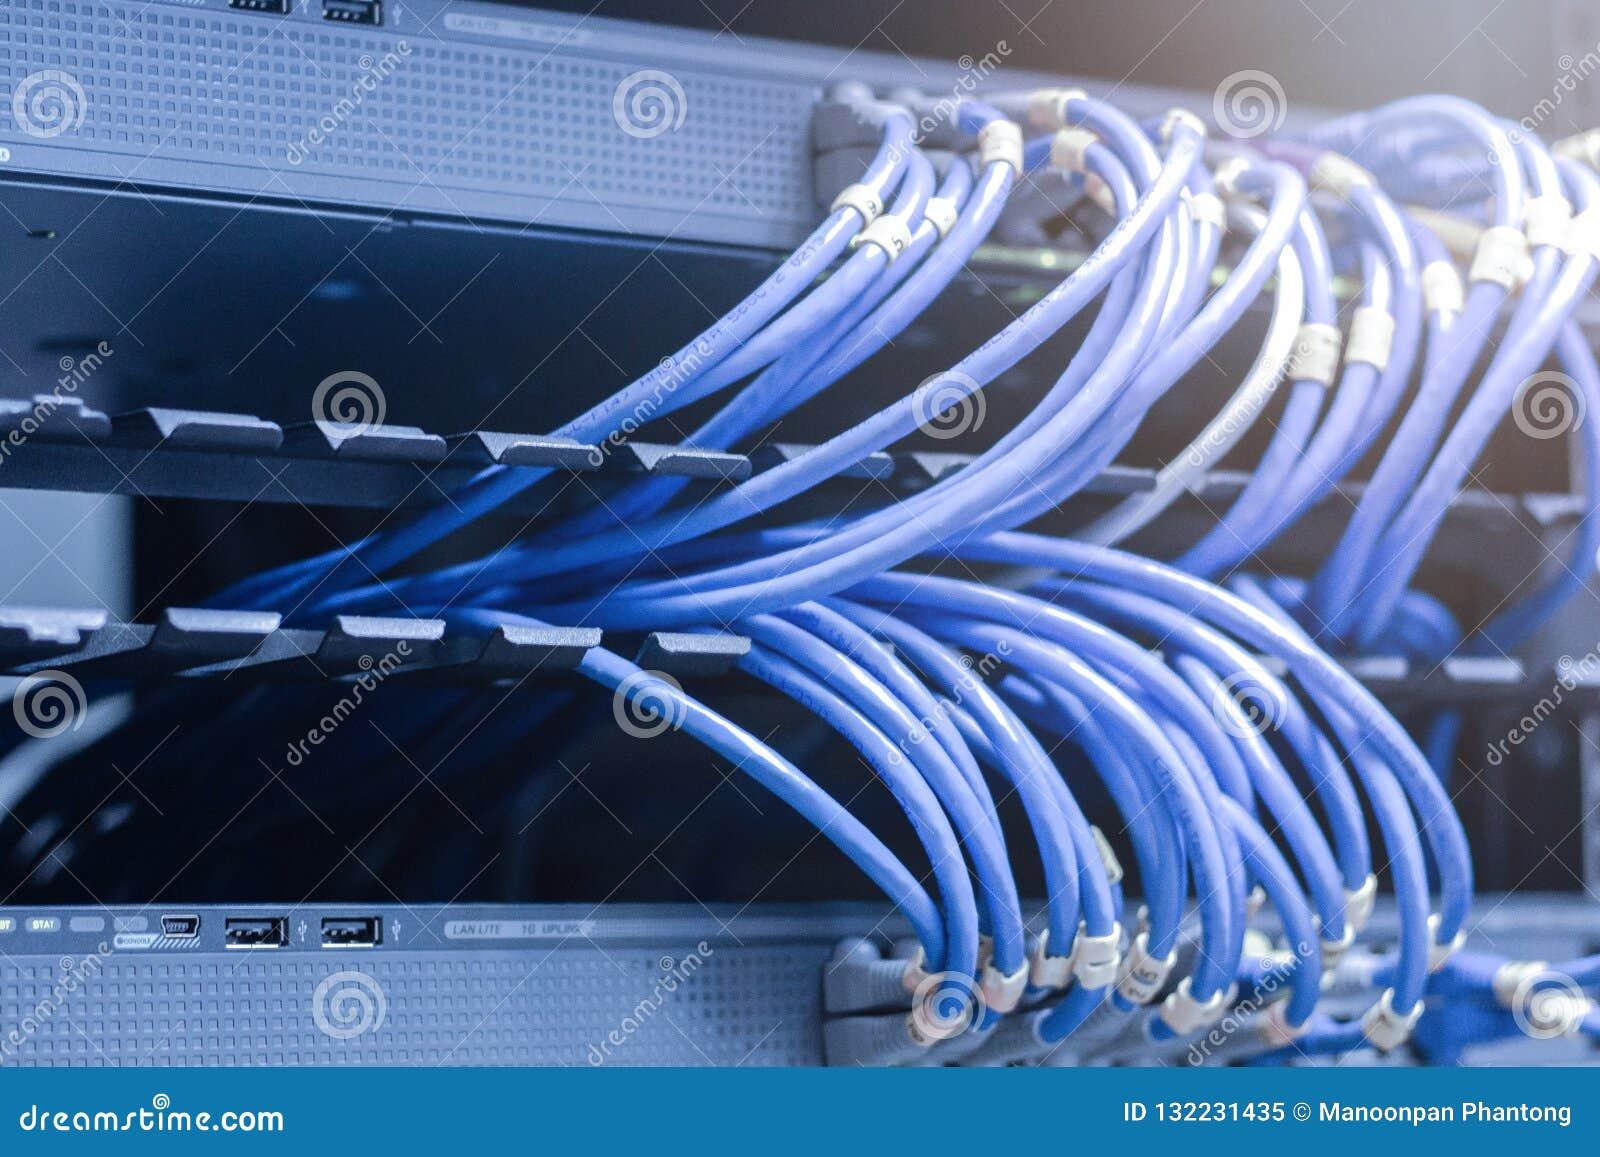 Netzkabel angeschlossen in den Netzschaltern